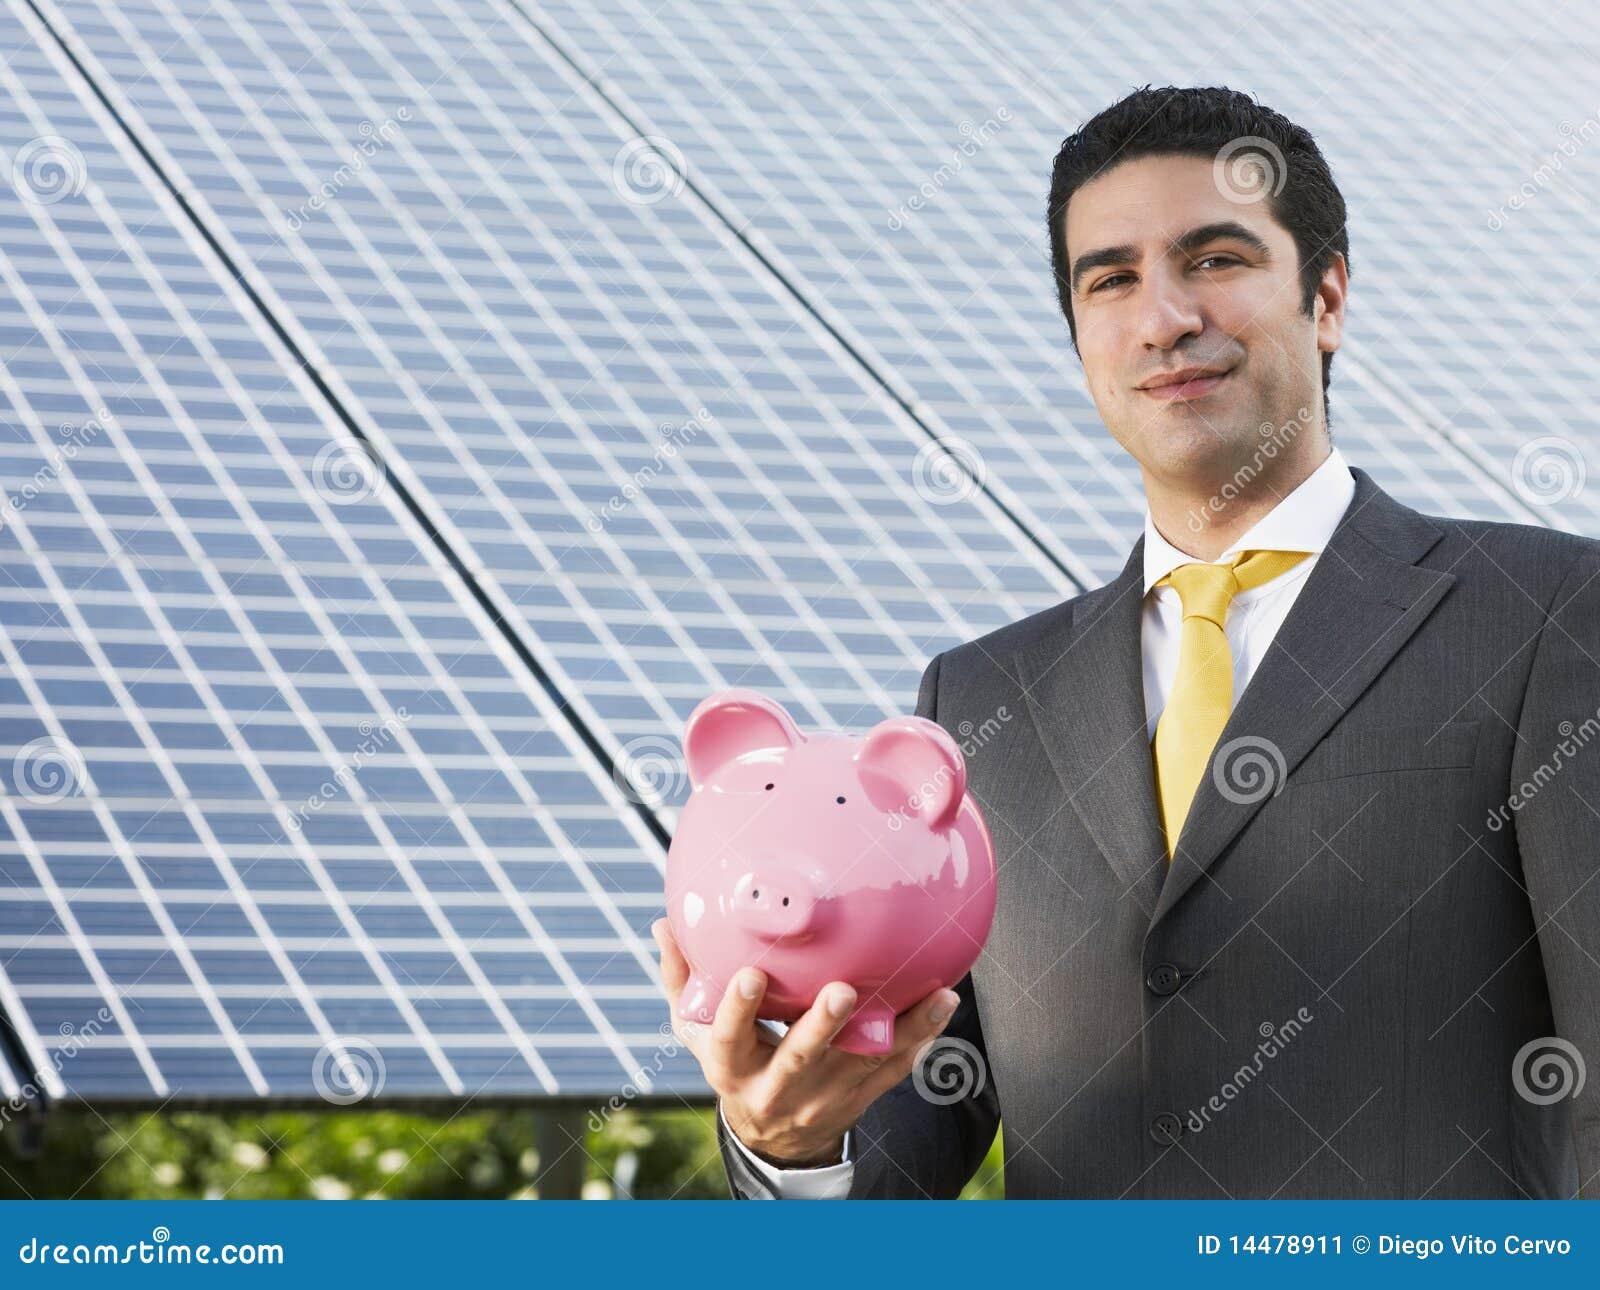 Επιχειρηματίας και ηλιακά πλαίσια